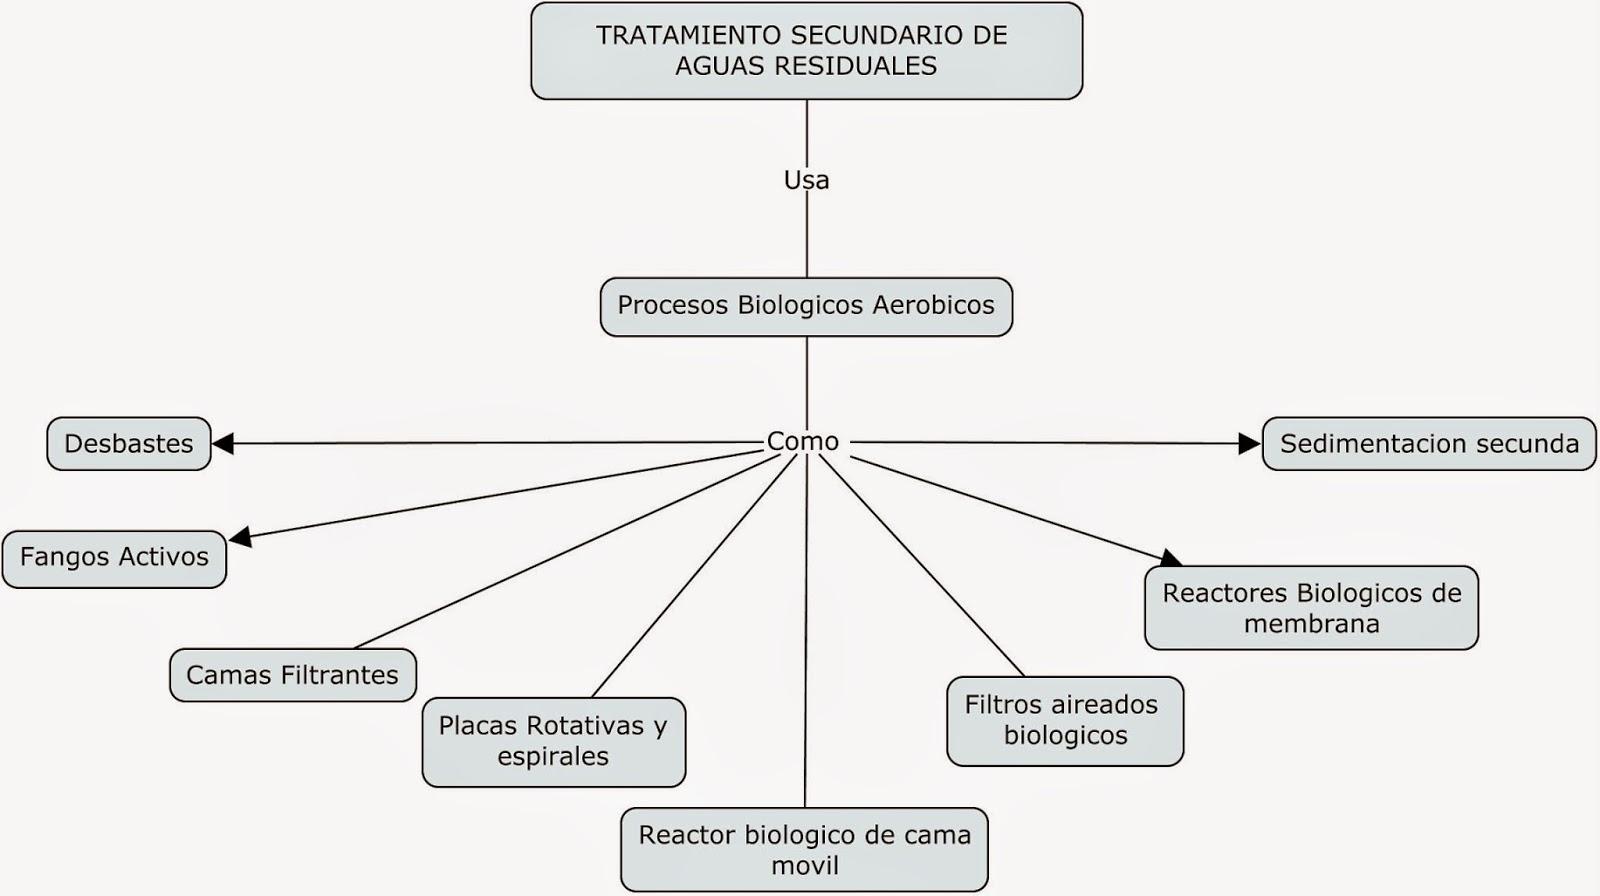 TRATAMIENTO SECUNDARIO DE AGUAS RESIDUALES